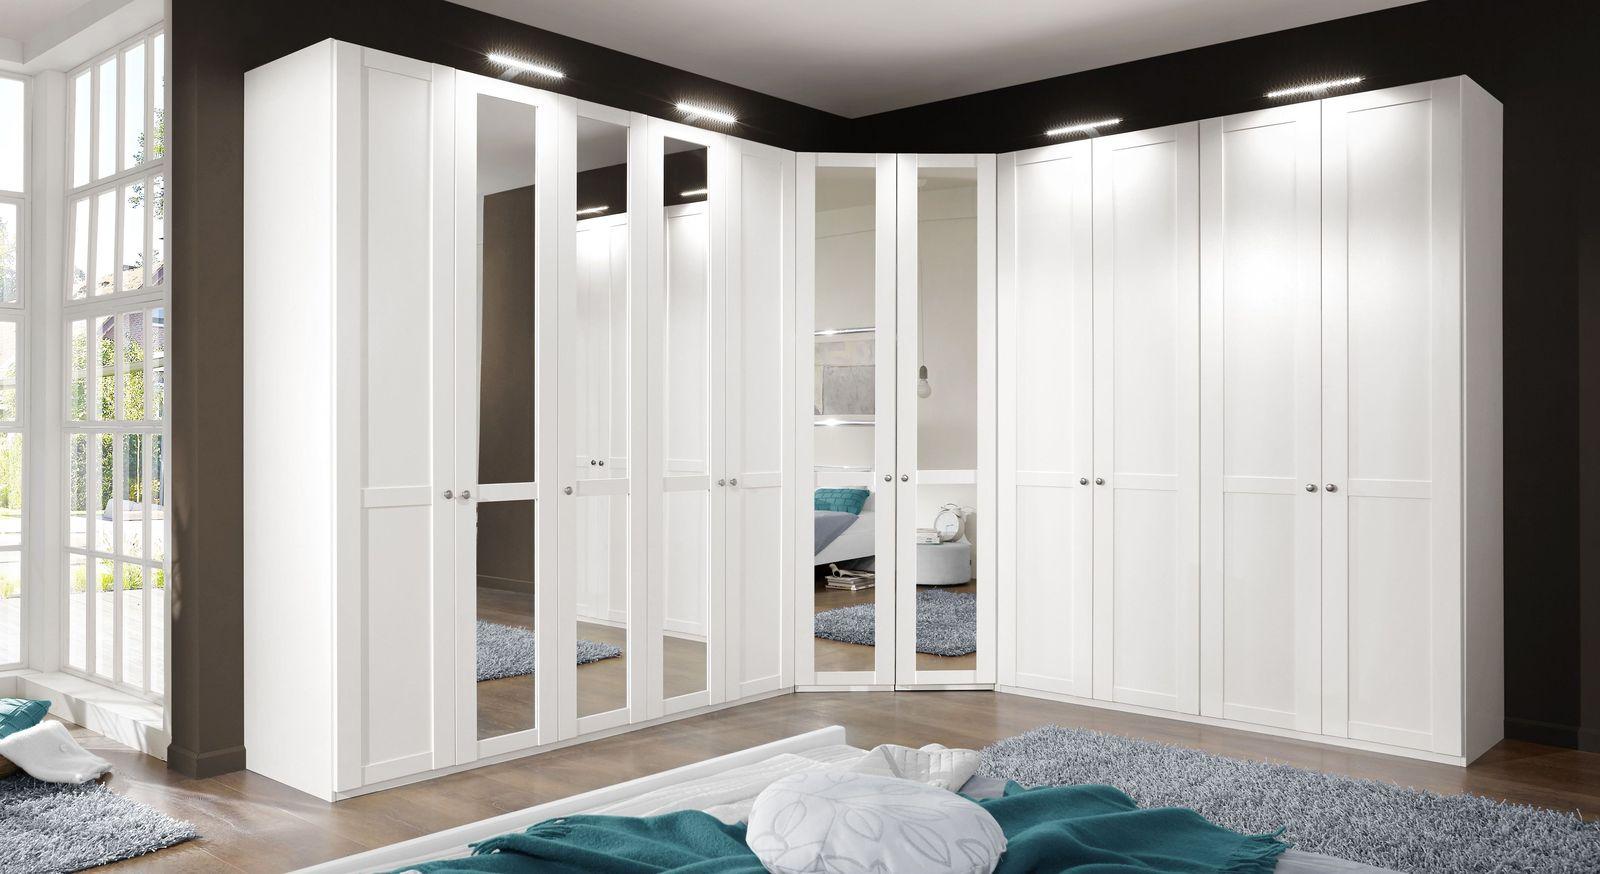 eck kleiderschrank mit spiegel im modernen landhausstil. Black Bedroom Furniture Sets. Home Design Ideas